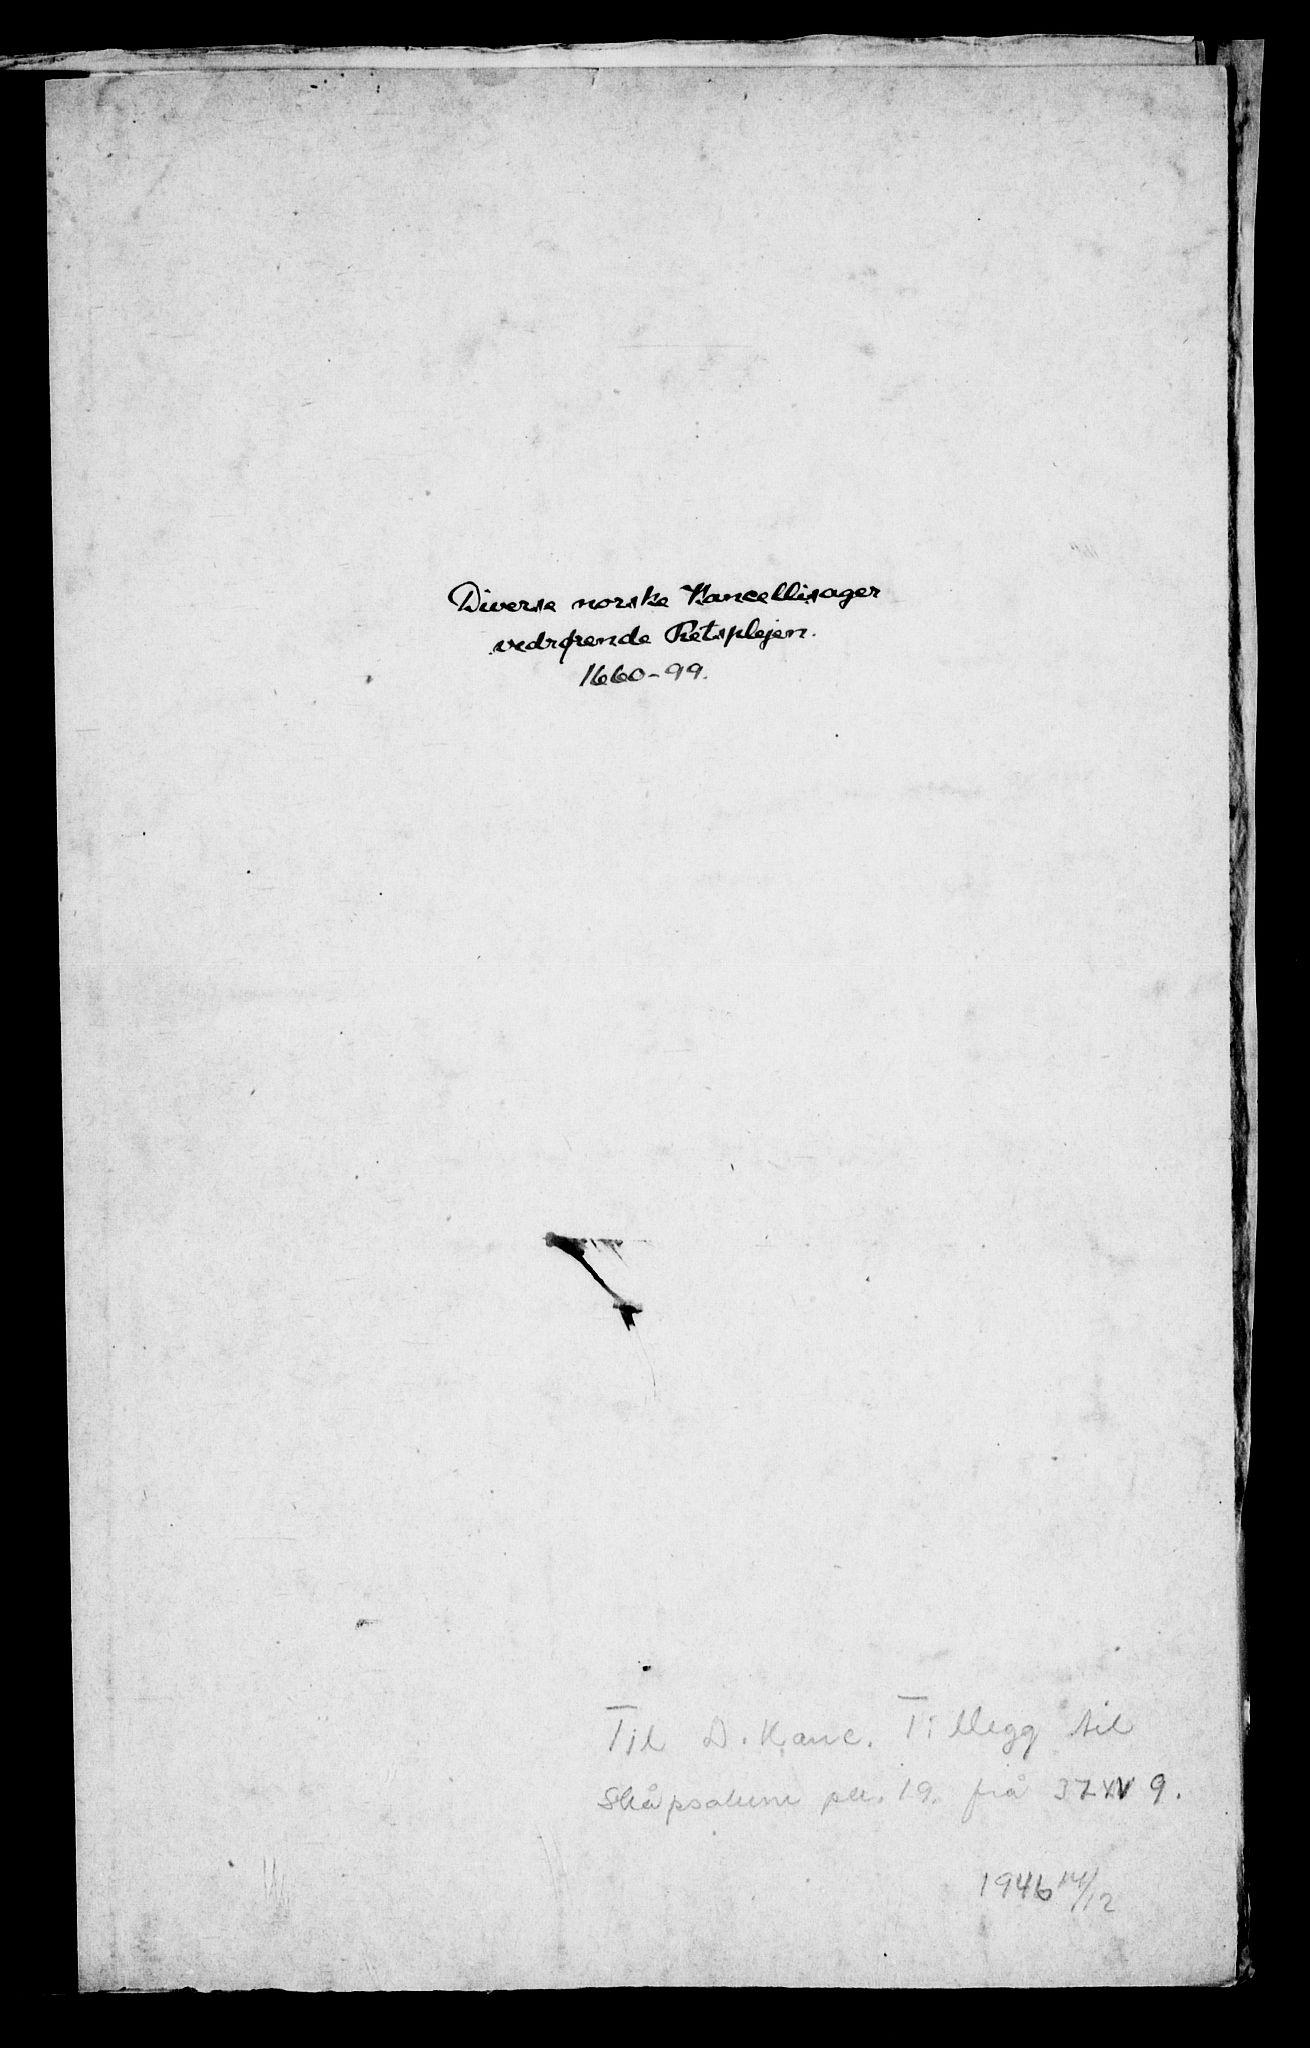 RA, Danske Kanselli, Skapsaker, G/L0019: Tillegg til skapsakene, 1616-1753, s. 287